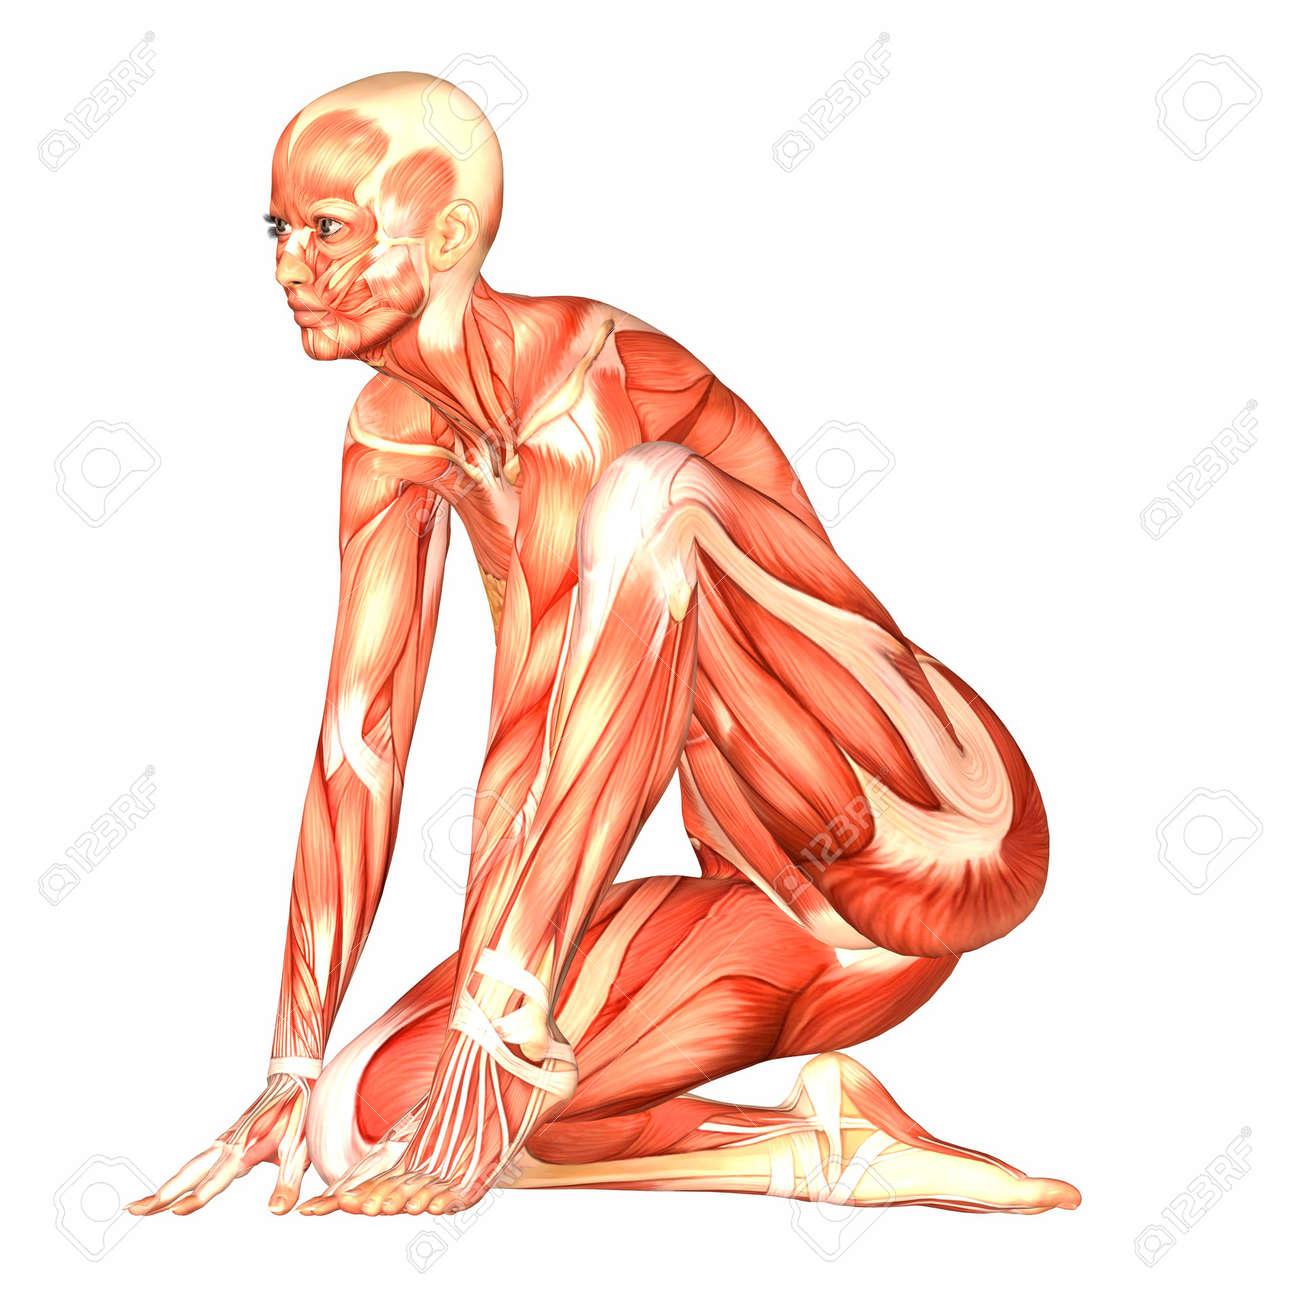 Großartig Anatomie Eines Weiblichen Körpers Bilder - Menschliche ...